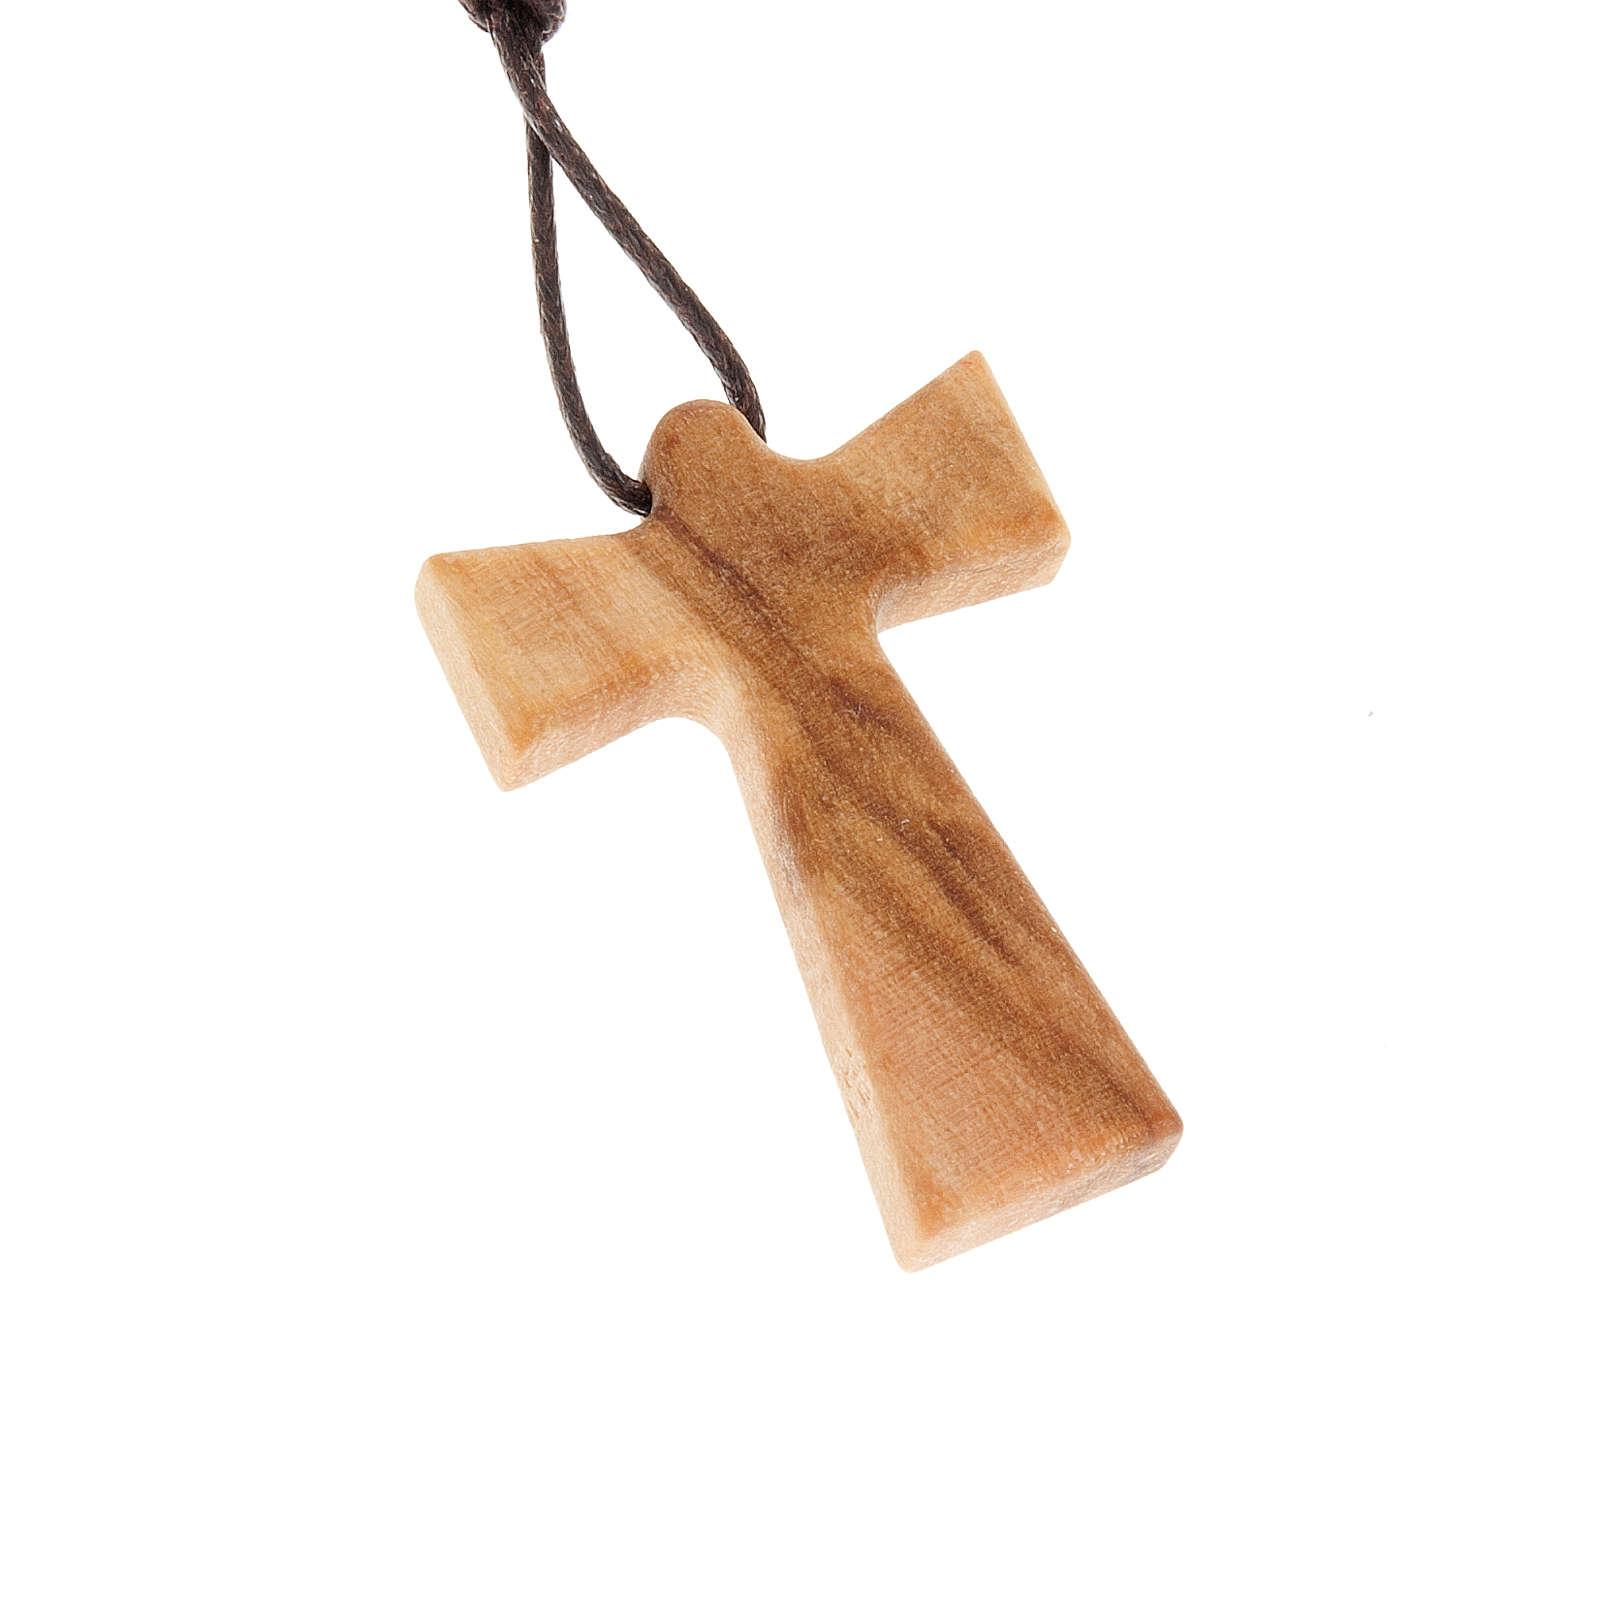 Krzyż anioł drewno oliwkowe 4